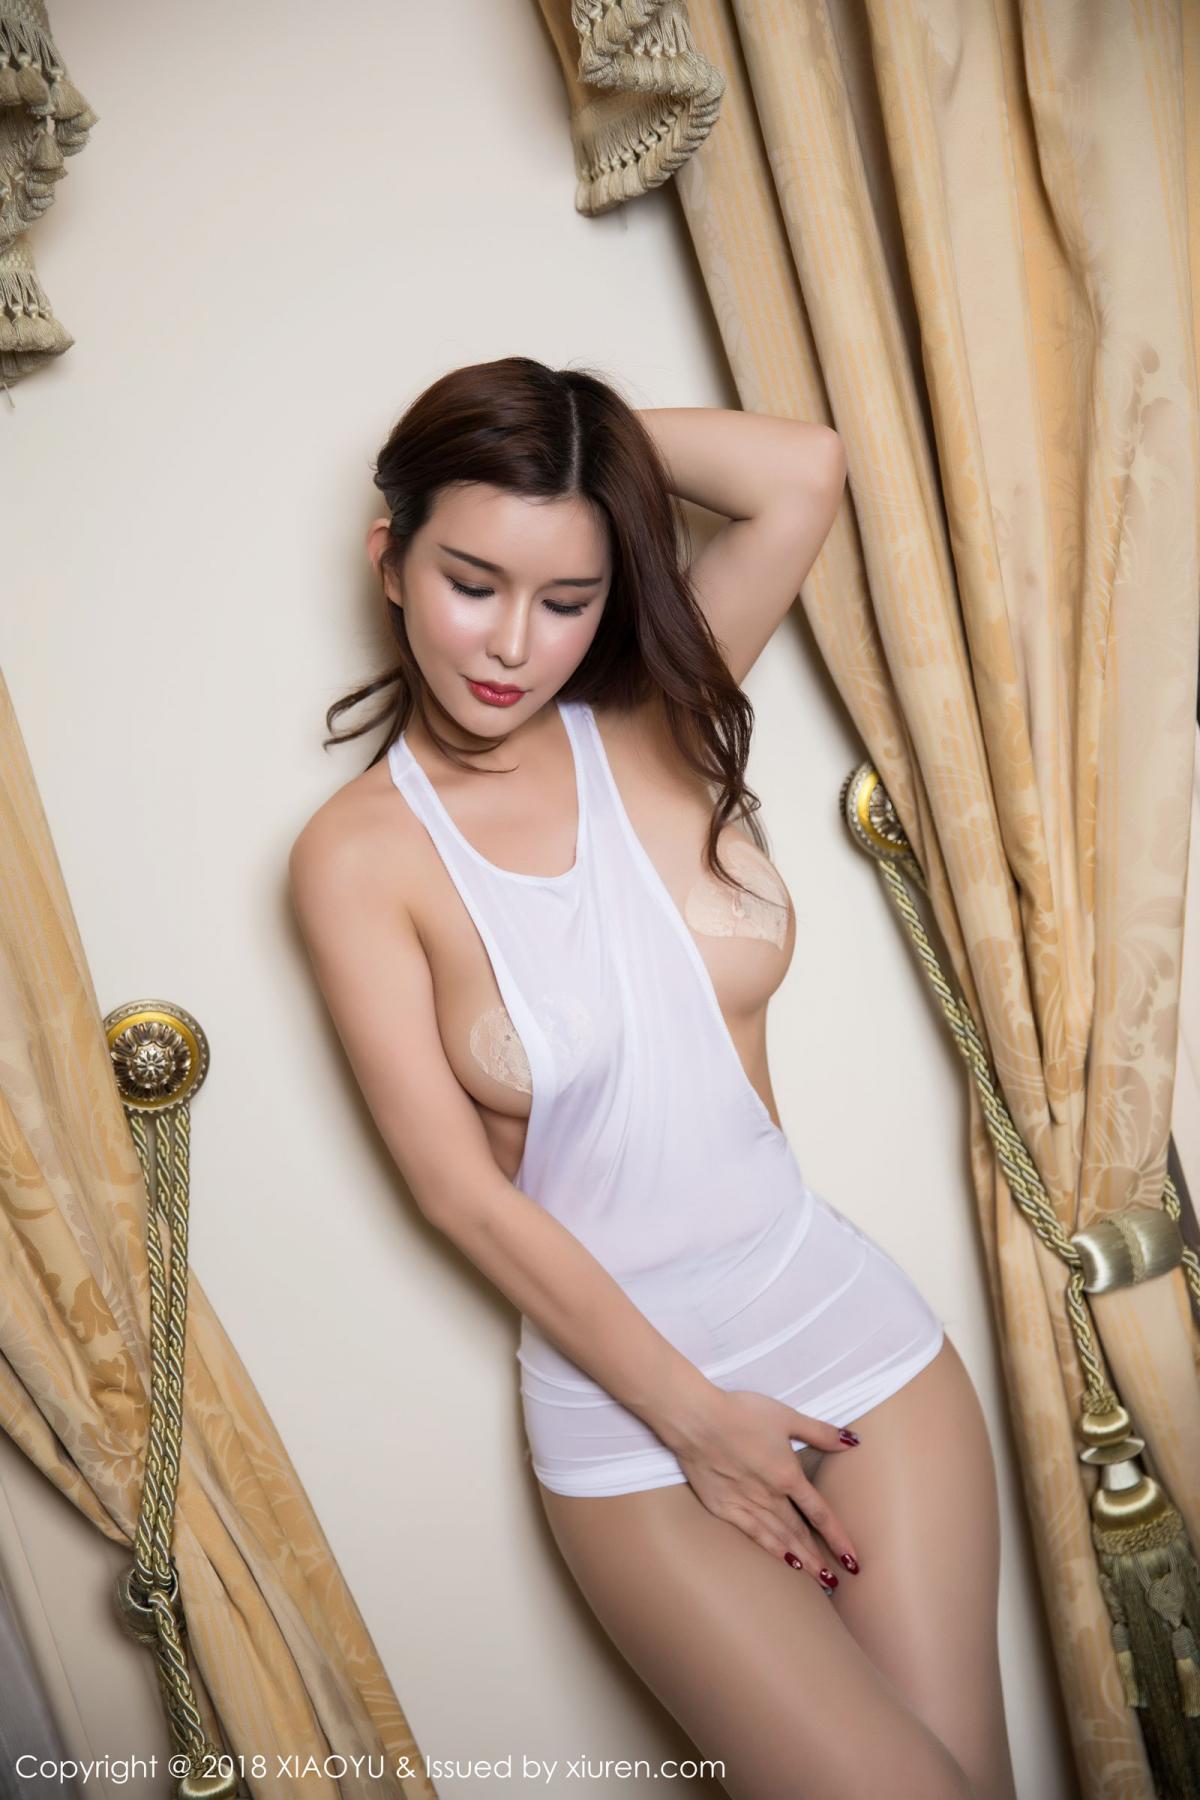 [XiaoYu] Vol.003 Chun Xiao Xi 4P, Adult, Chun Xiao Xi, XiaoYu